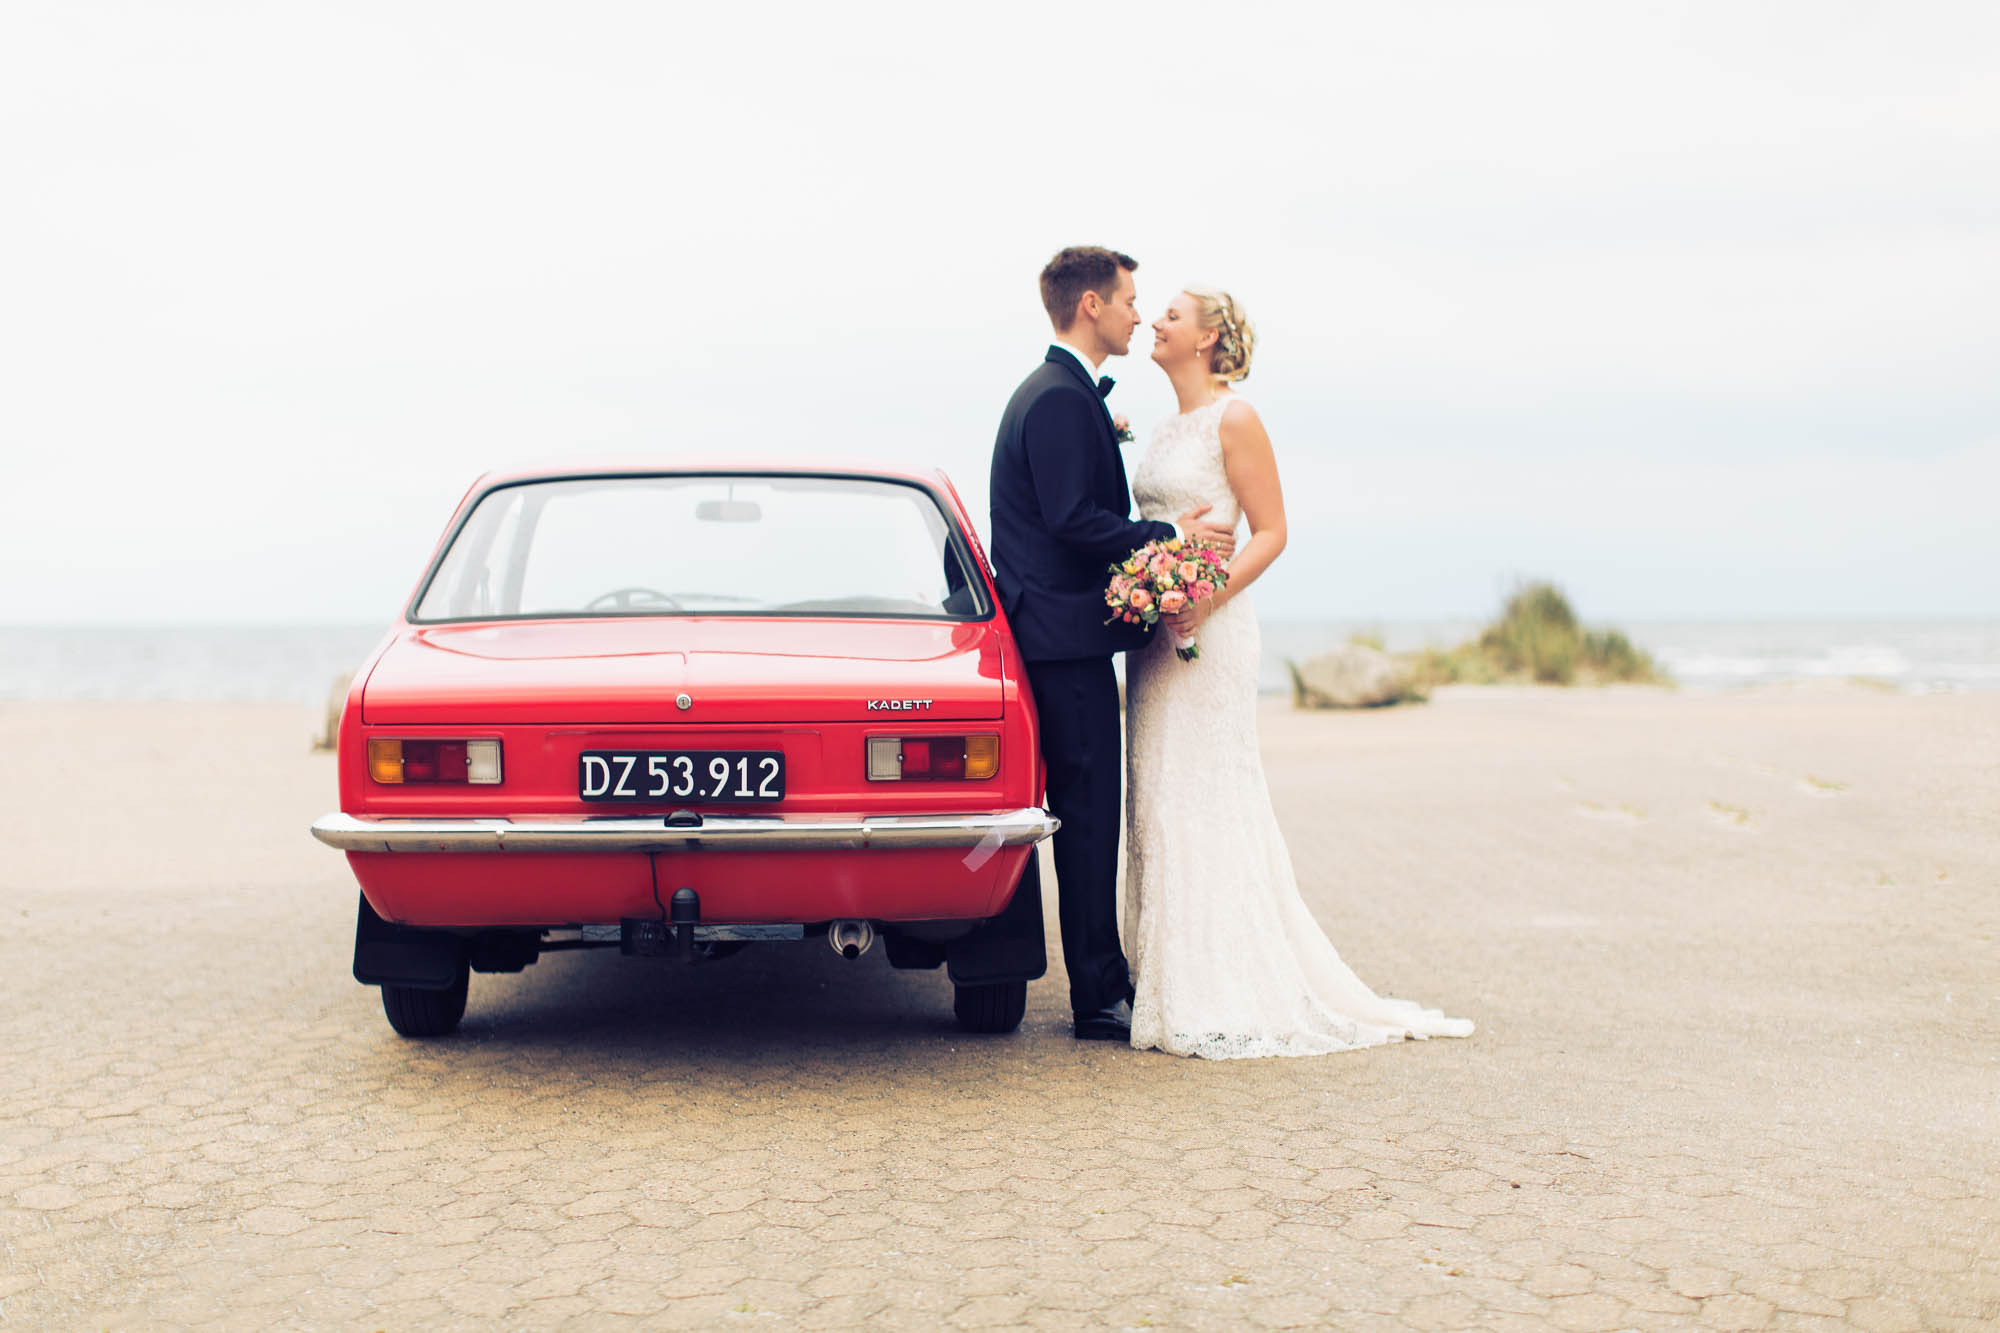 Brudepar fotograferet ved rød bil